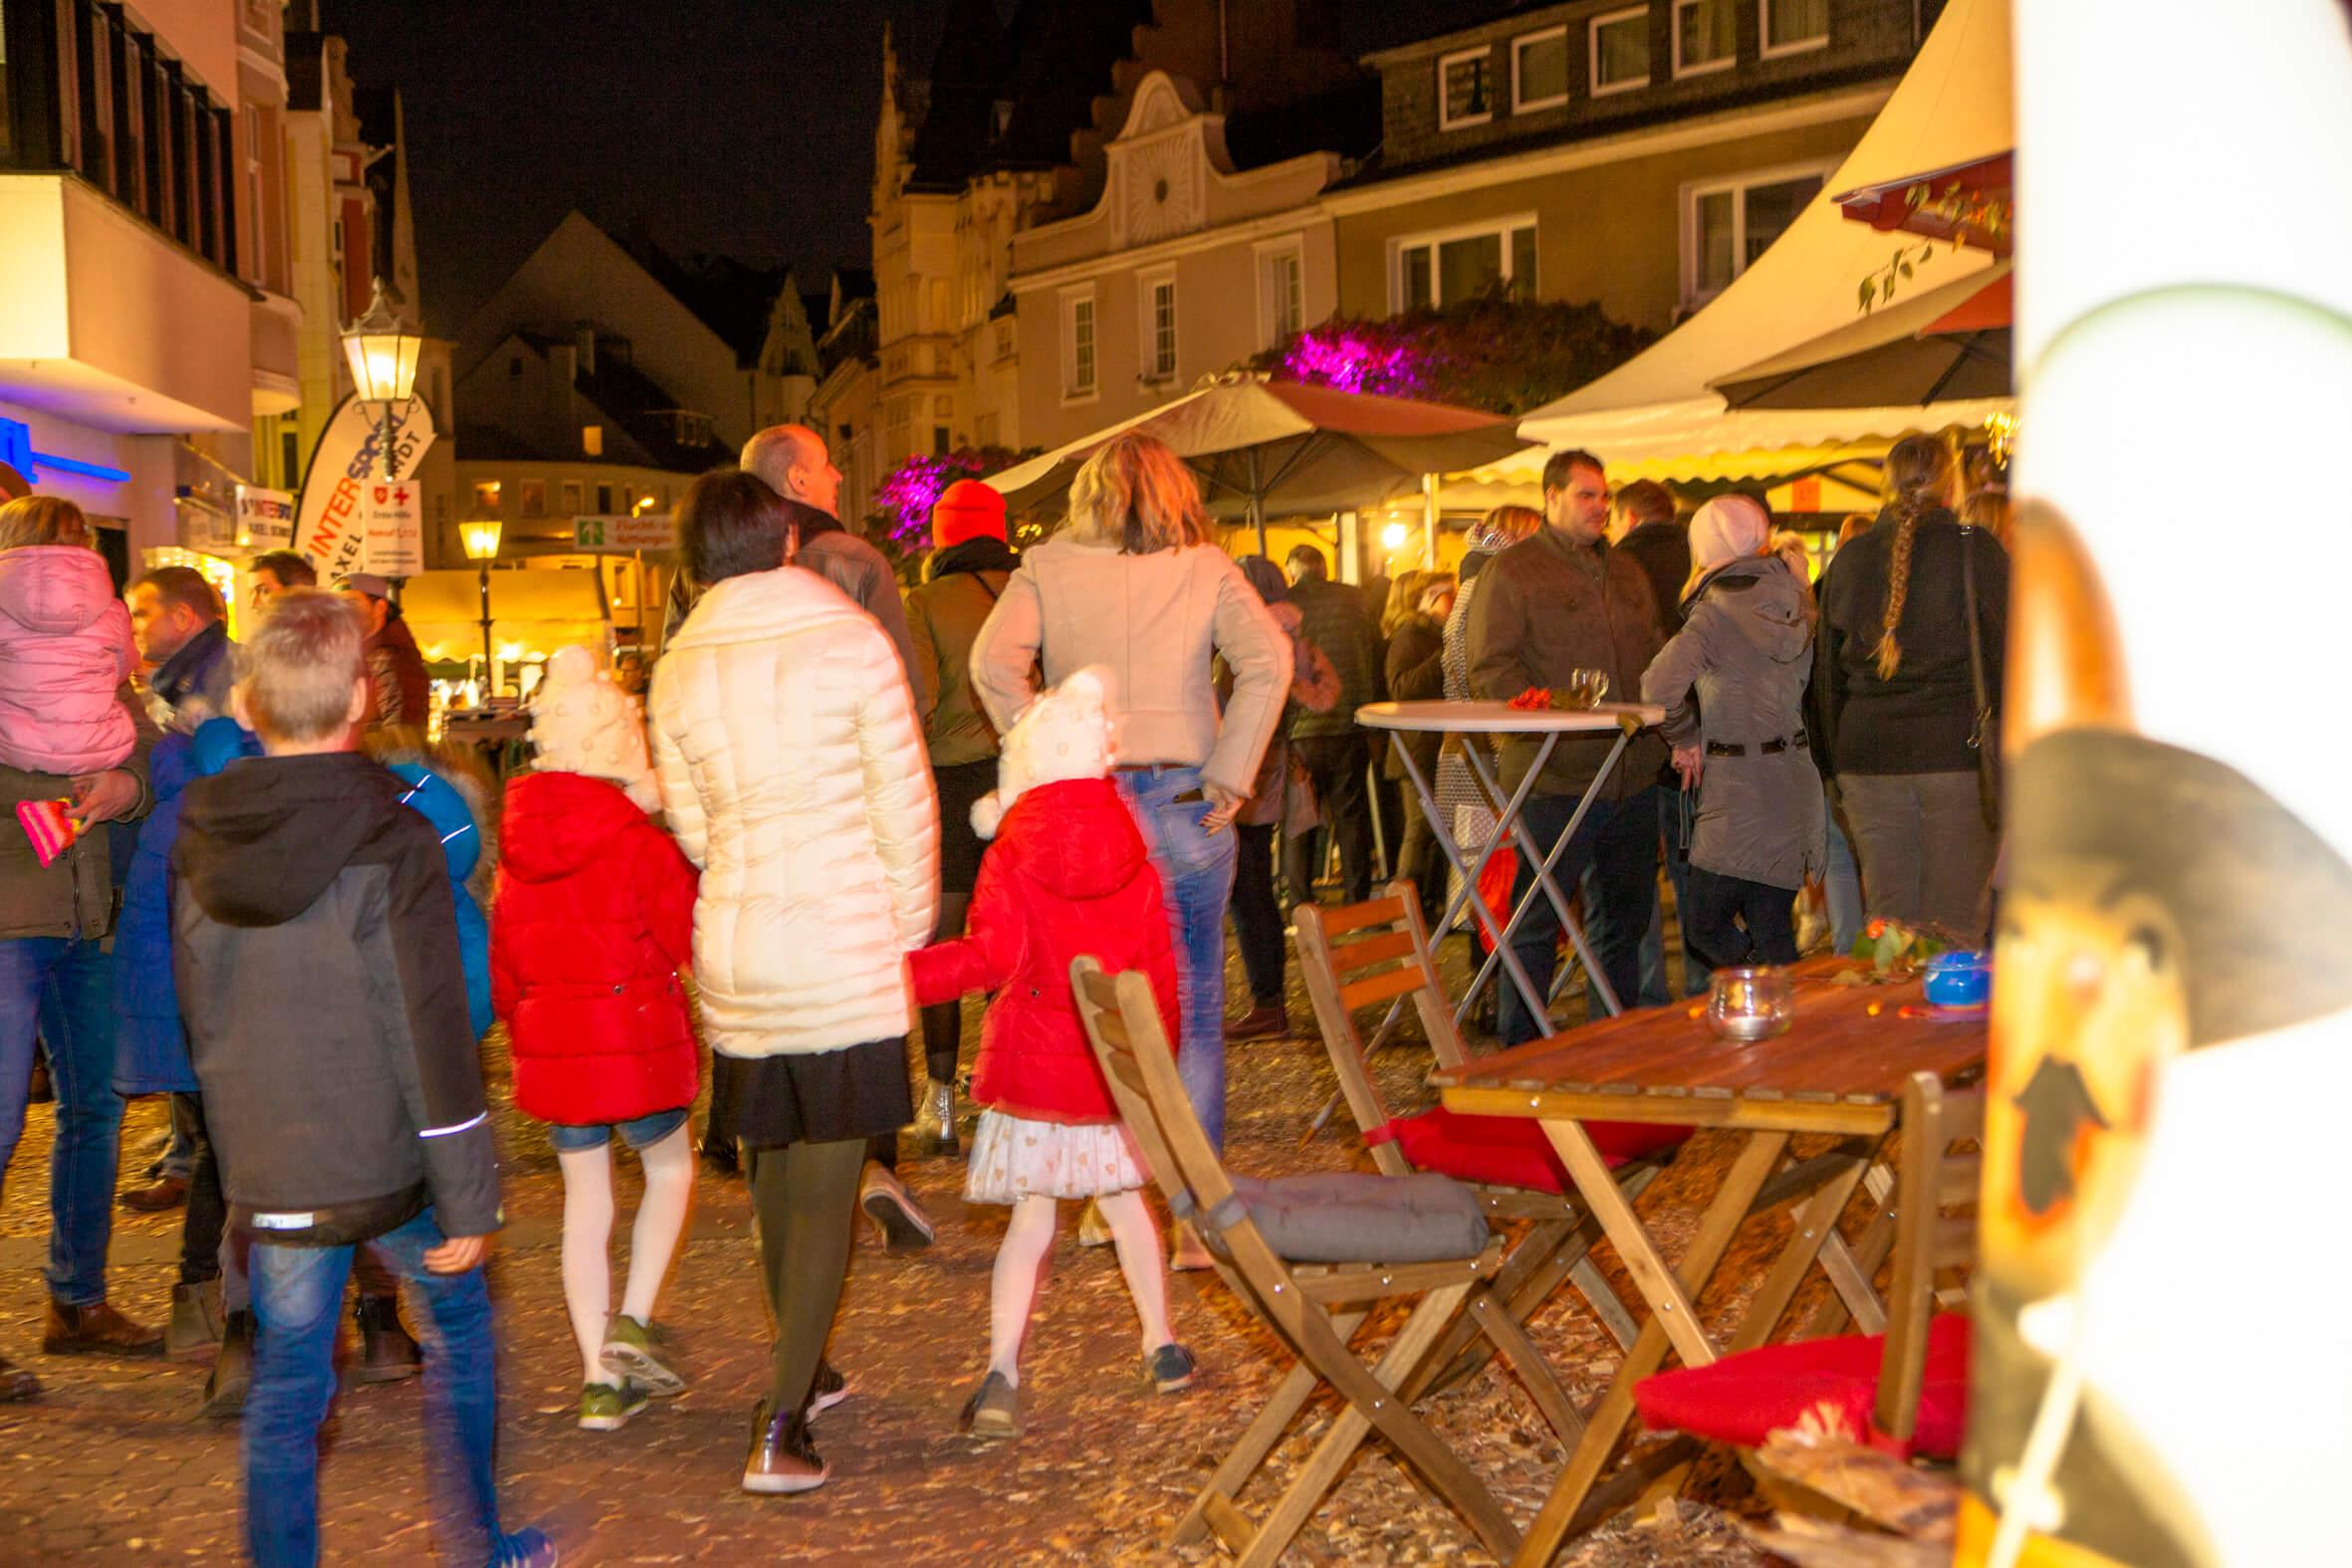 Veranstaltungstipp Martinimarkt in Bad Honnef 2019 stadtfest stadtevent city centrum e.V.